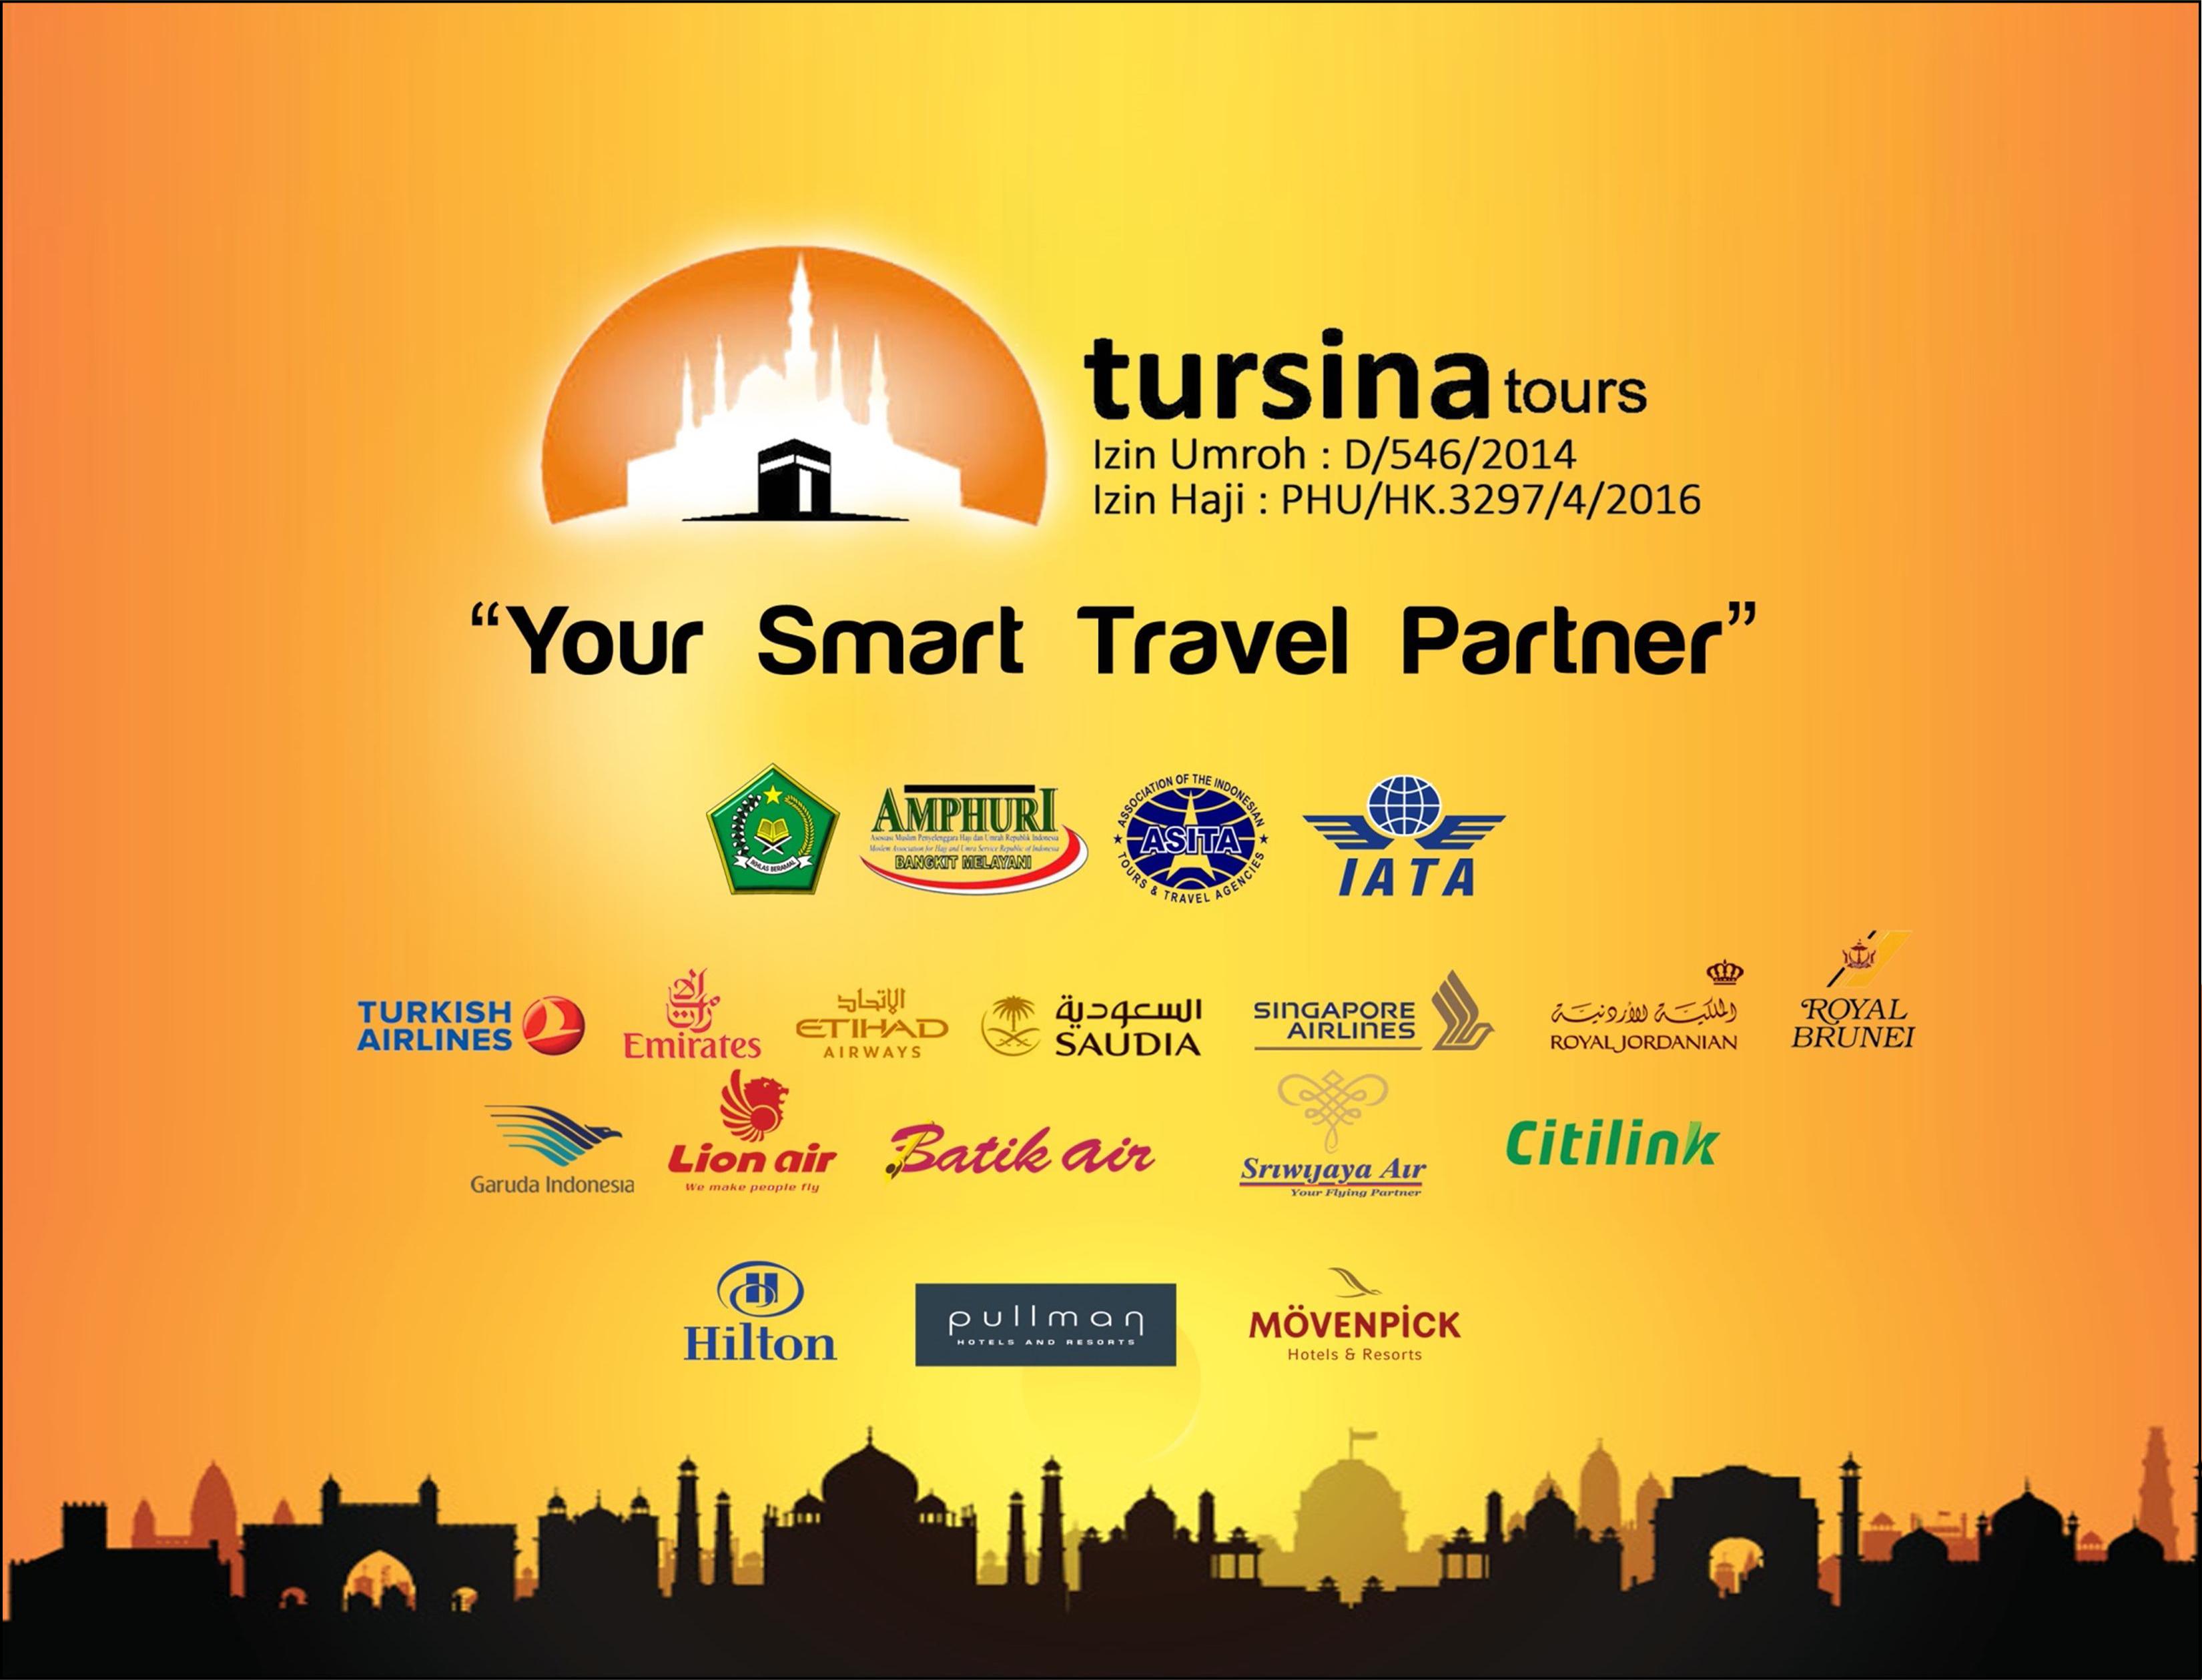 Tursina Tours